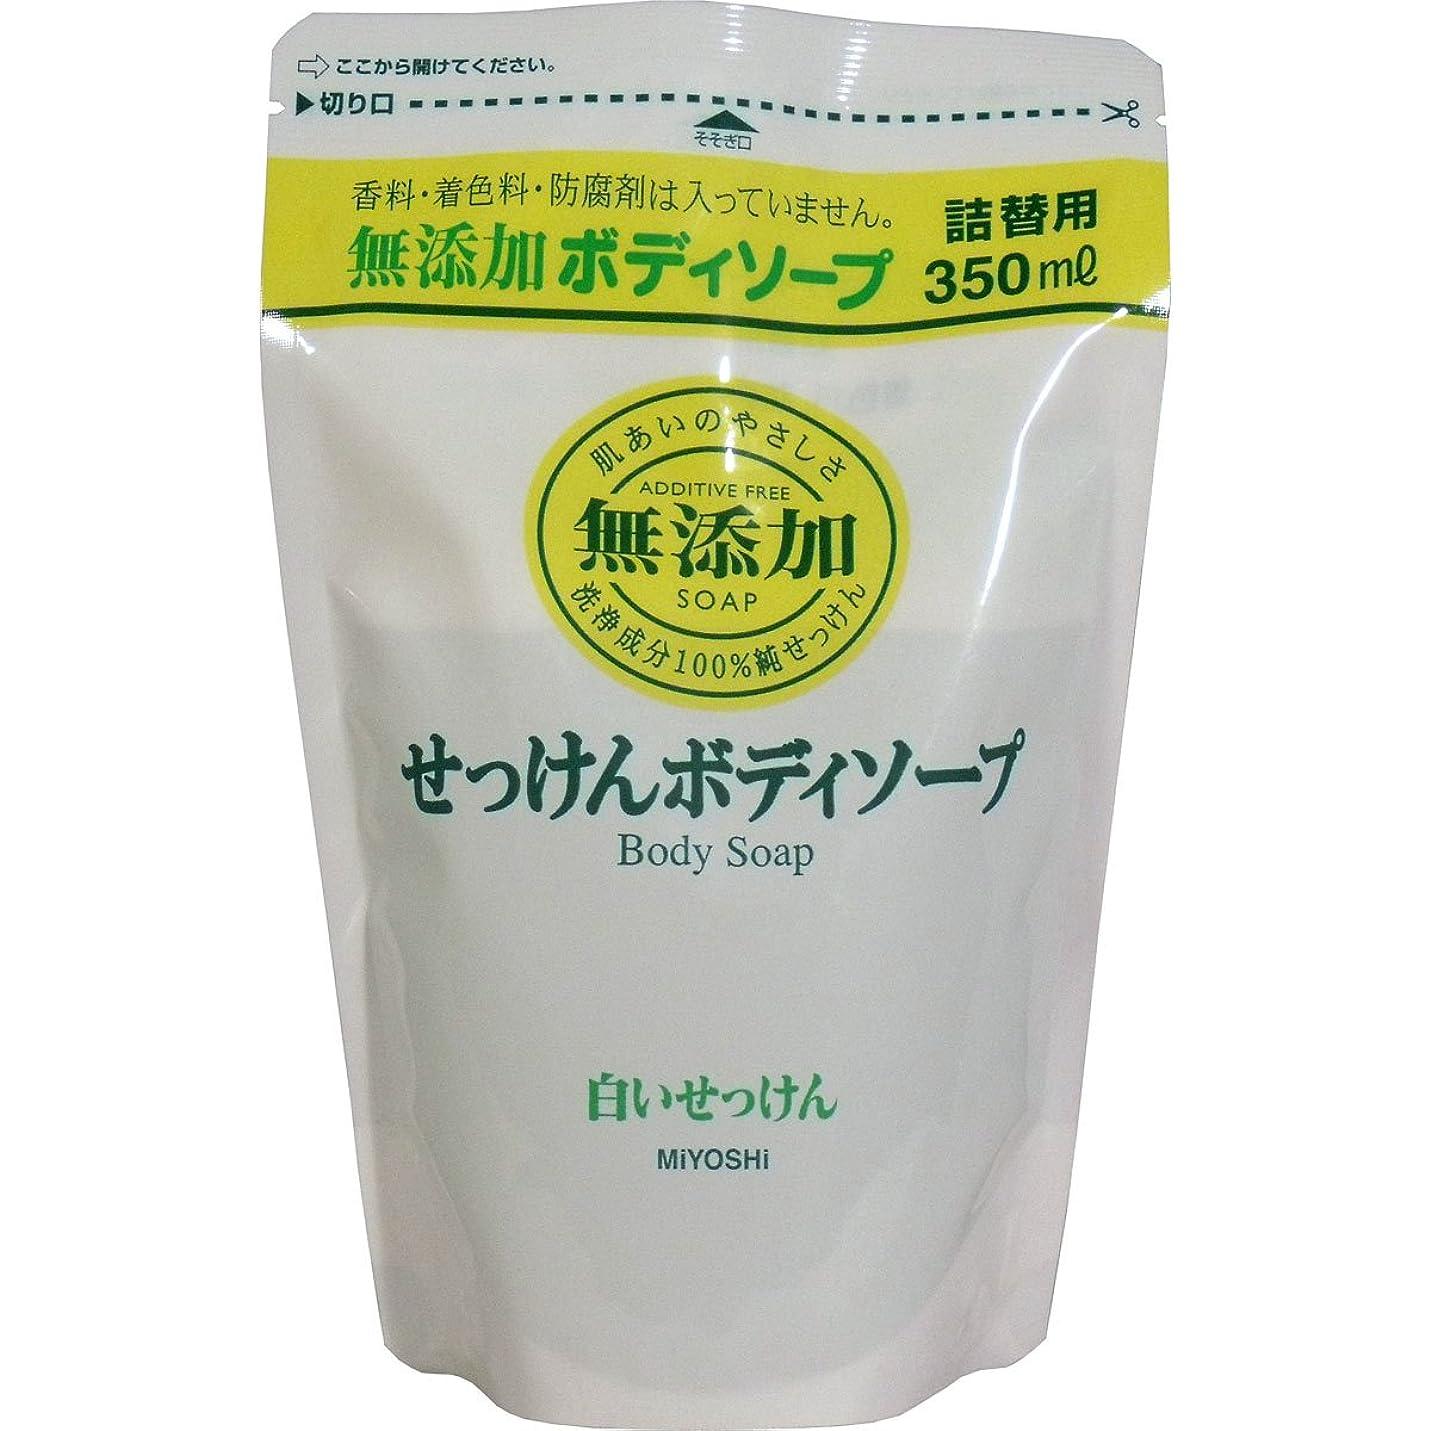 メジャー急降下リレー無添加 ボディソープ 白い石けん つめかえ用 350ml(無添加石鹸) 7セット